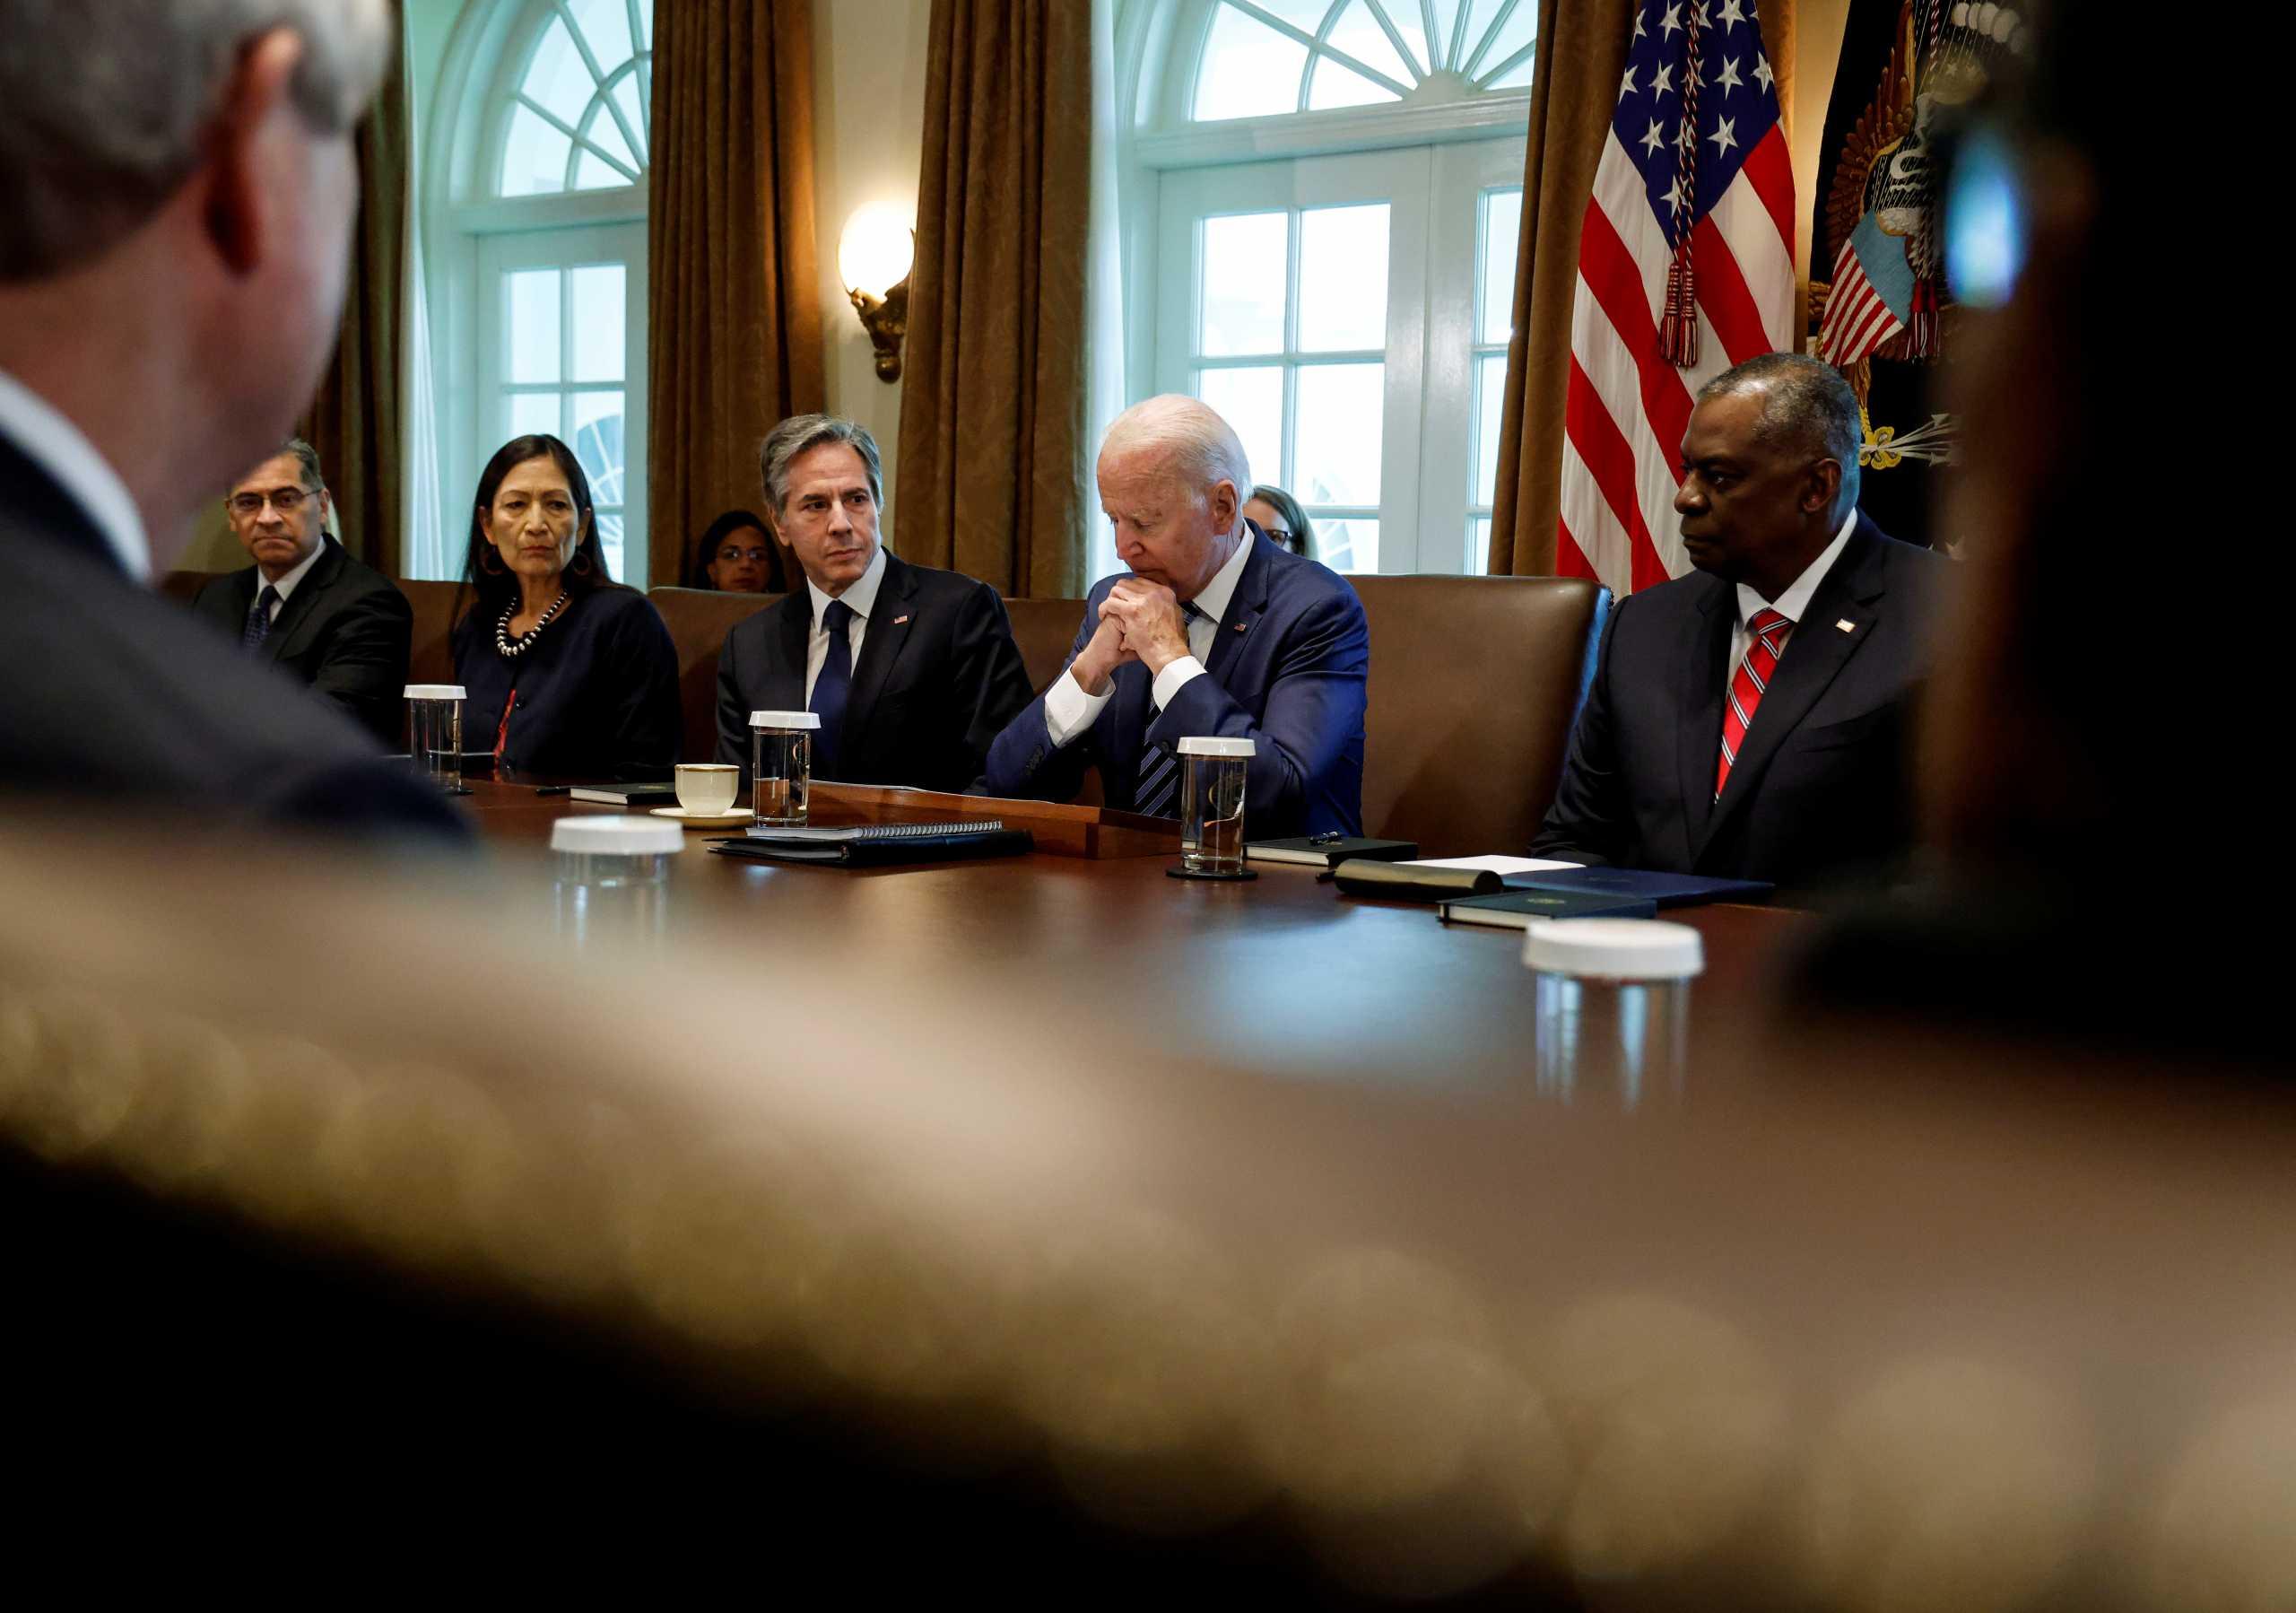 Οι ΗΠΑ διαβεβαιώνουν το Αφγανιστάν πως παραμένουν «δεσμευμένες» στην «ασφάλεια» του